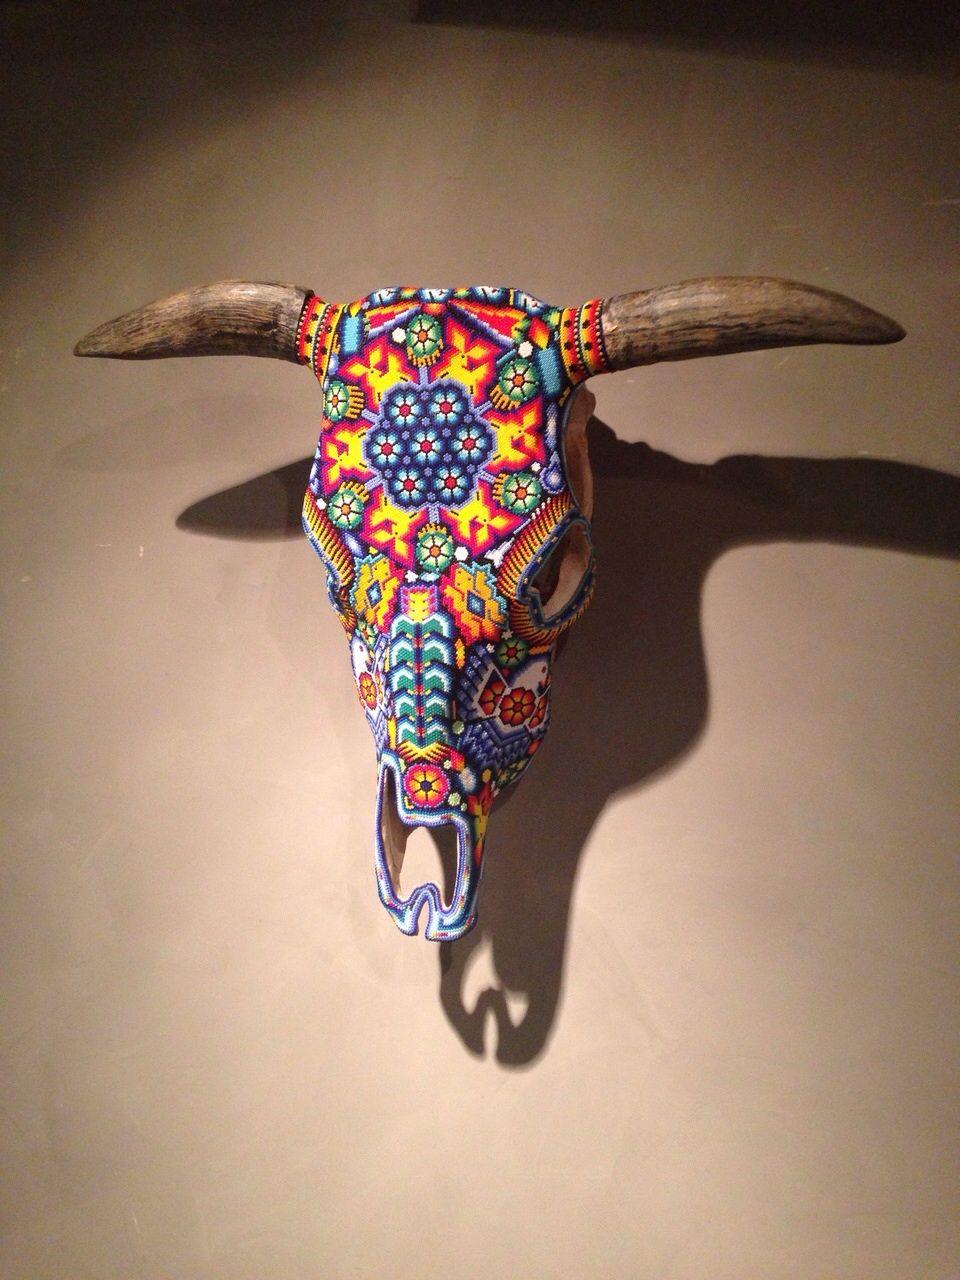 Galería Dimitri. México D.F. En Federal District #CCRC1800